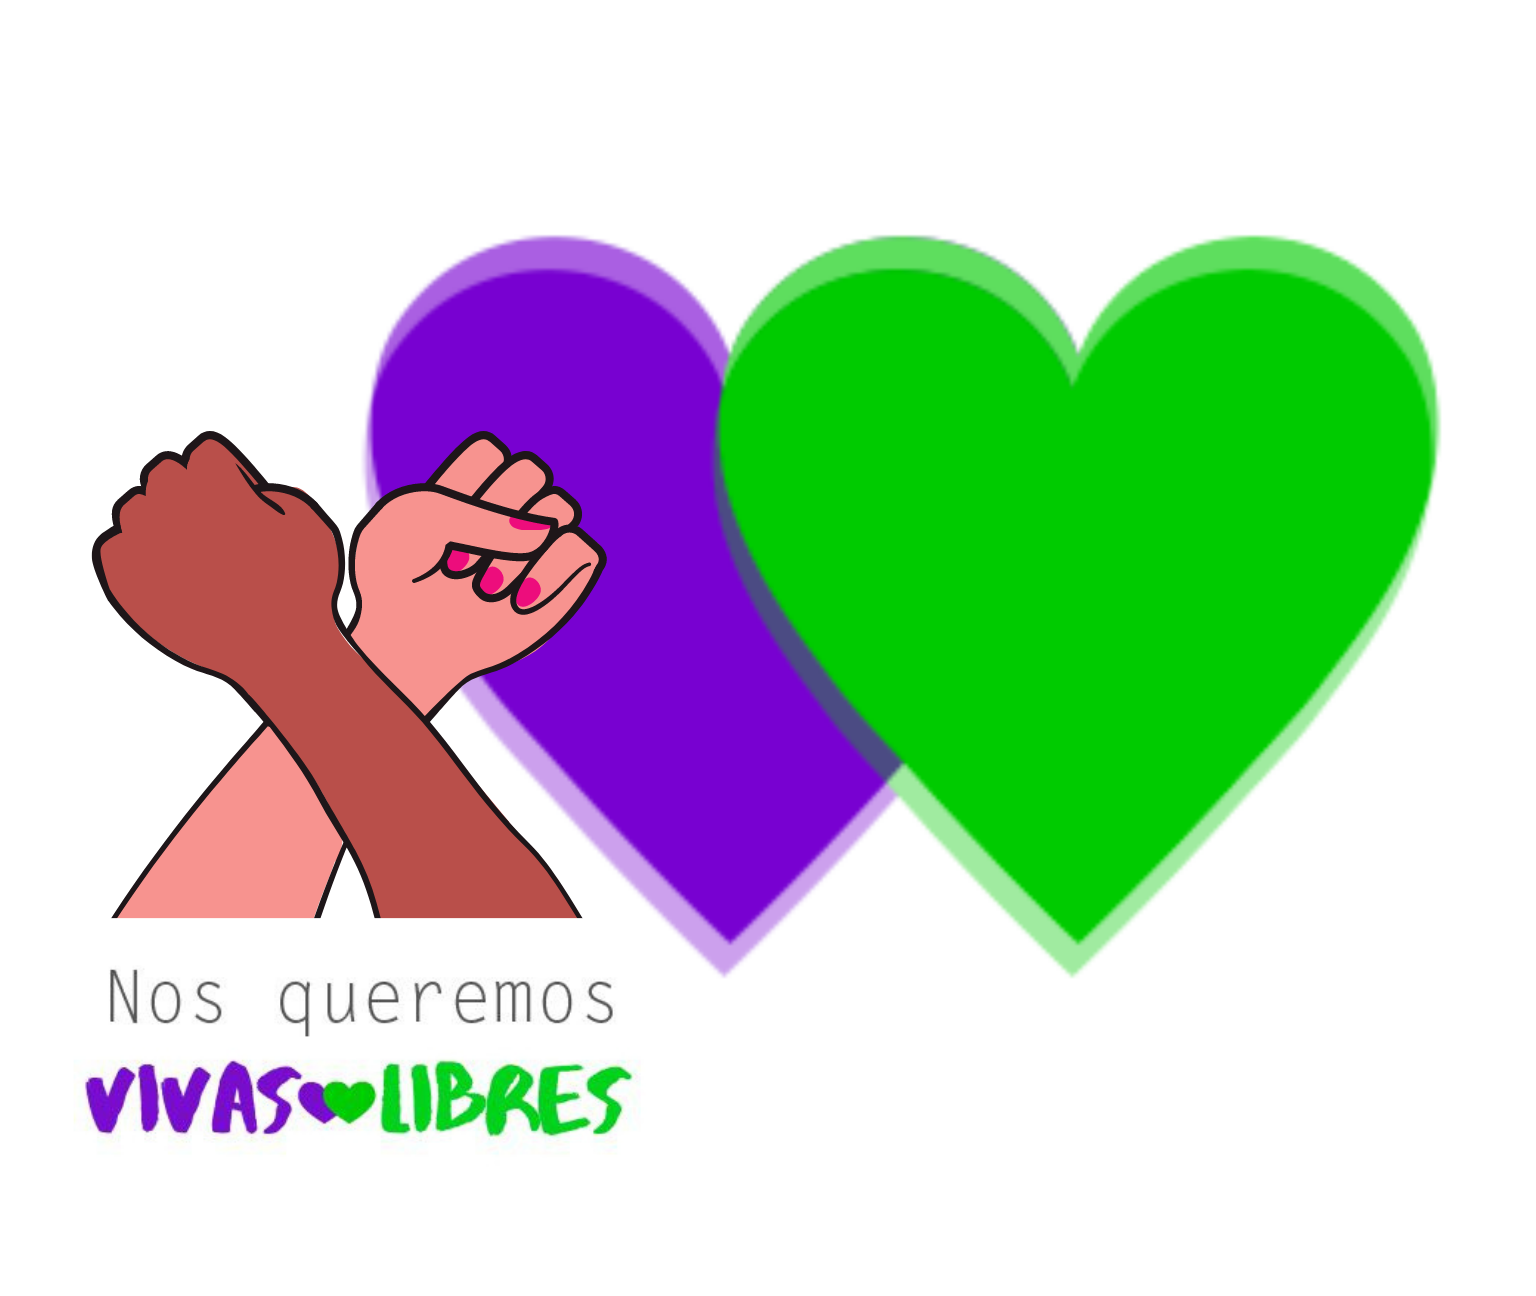 """Campaña """"Mujeres vivas y libres"""": El movimiento verde y violeta se unen para evidenciar el incremento de la violencia de género en México"""